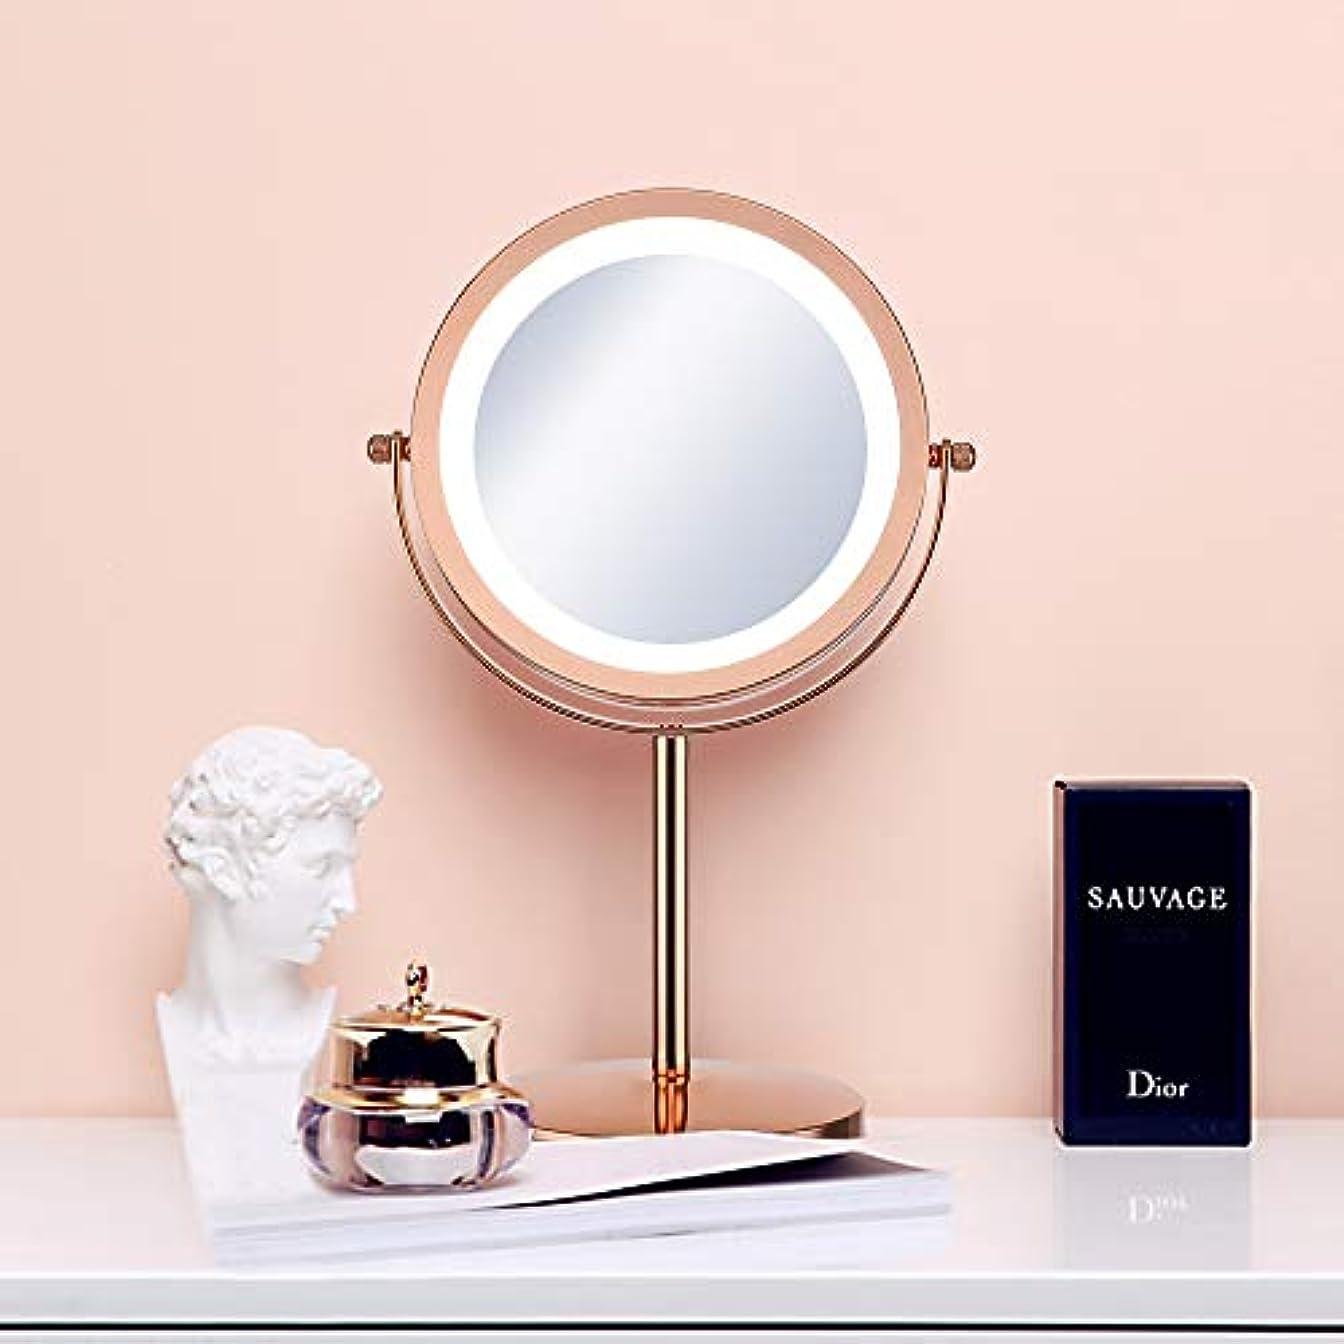 ブロッサム自分のためにブラスト(セーディコ)Cerdeco 西洋風卓上鏡DX レトロなゴールド LEDライト付き 5倍拡大率 両面化粧鏡 スタンドミラー 鏡面φ178mm T710G